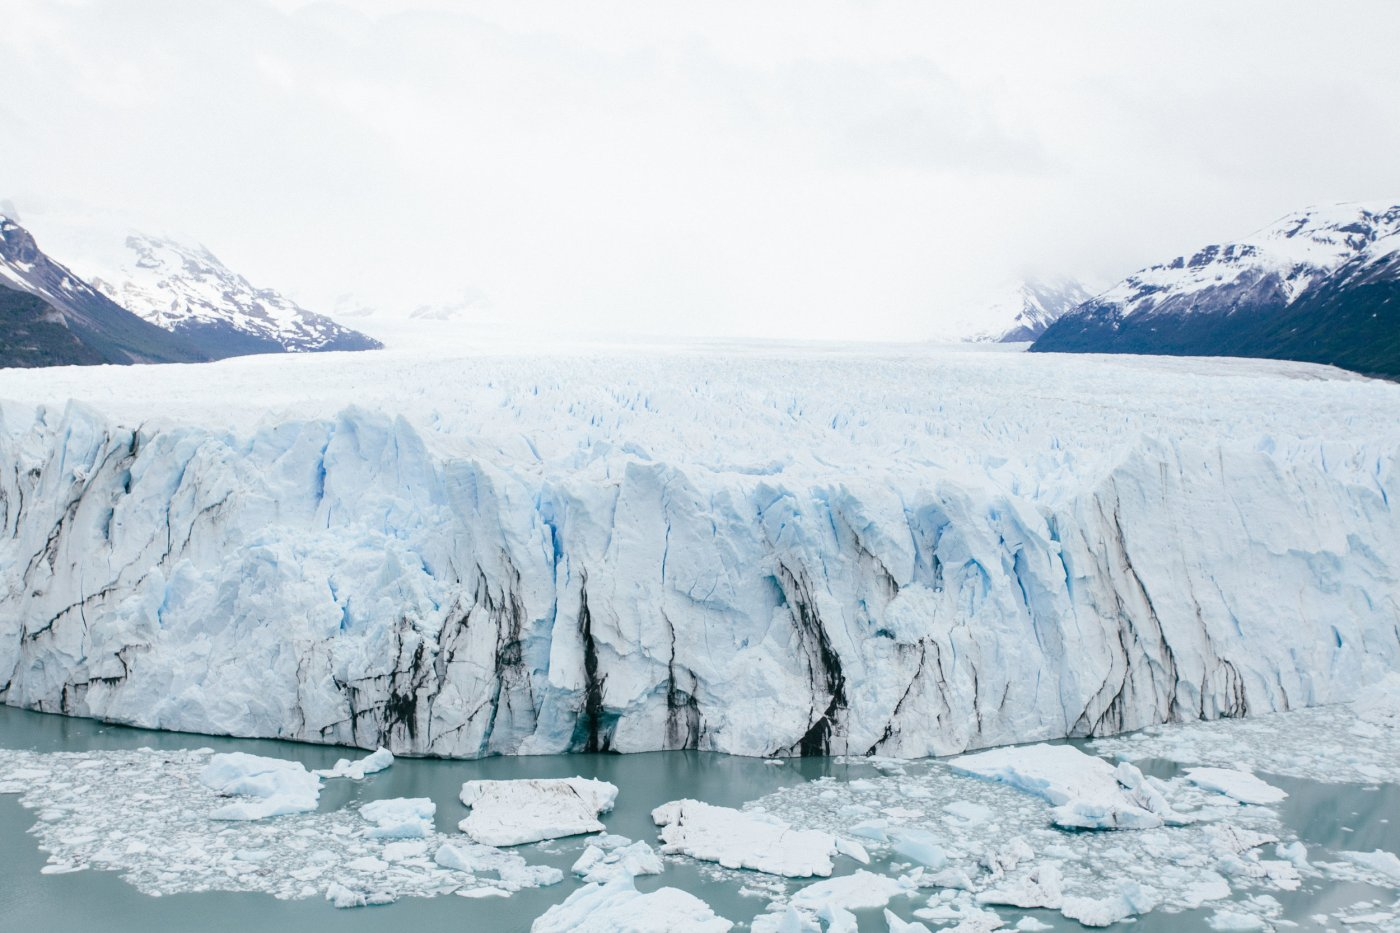 Como Visitar o Glacial Perito Moreno, Patagônia Argentina - Eduardo & Mônica